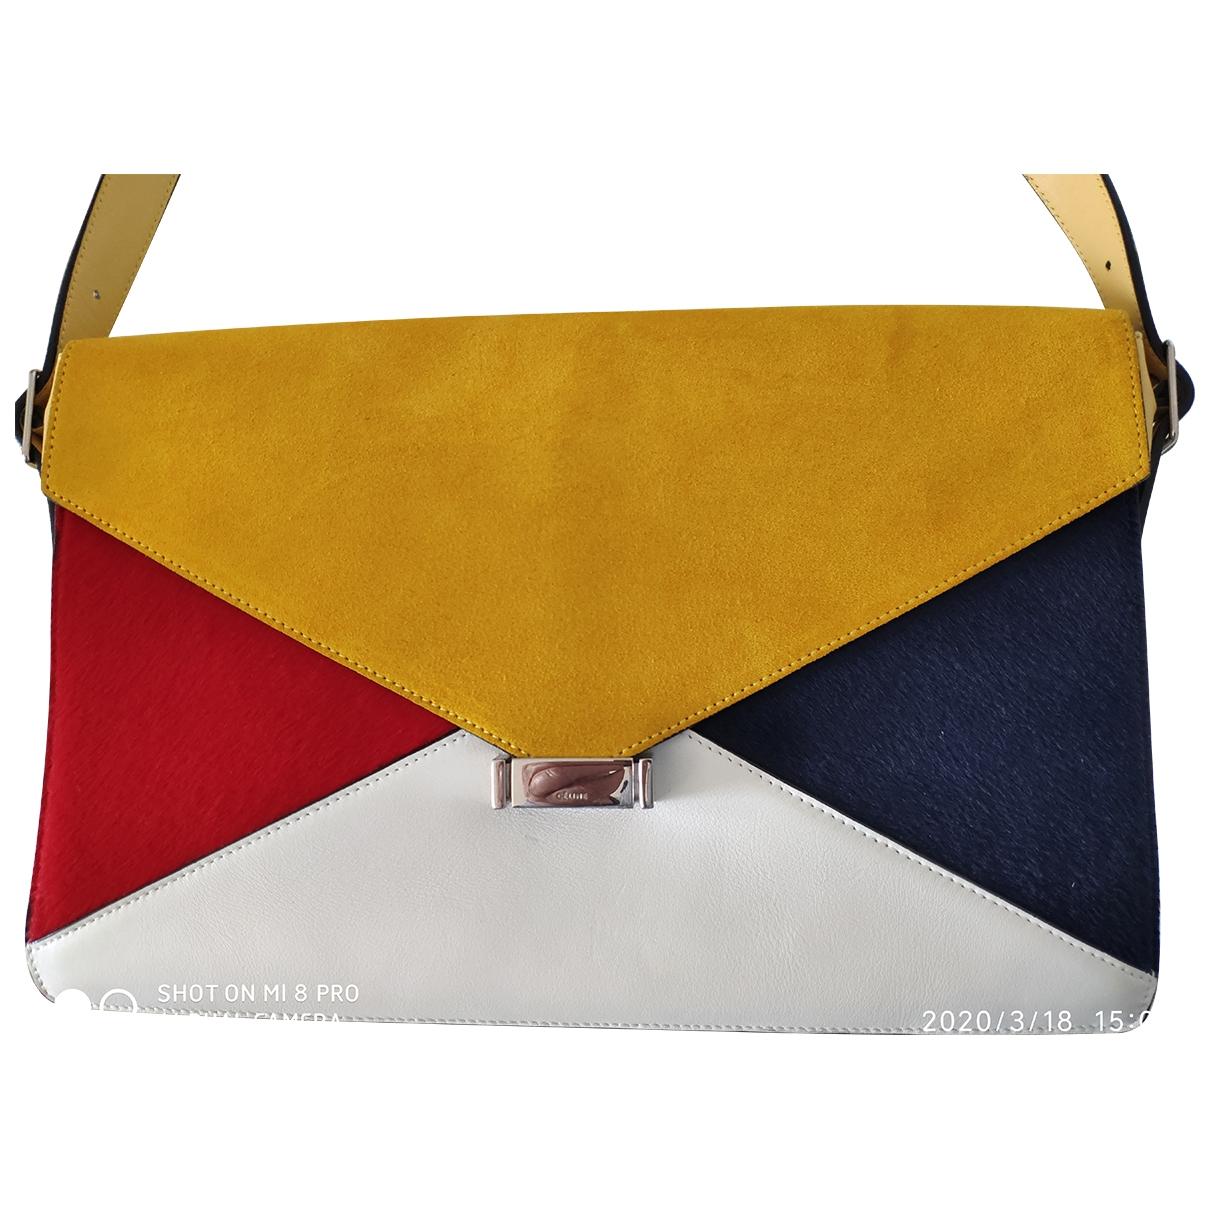 Celine - Pochette Diamond Clutch pour femme en suede - multicolore